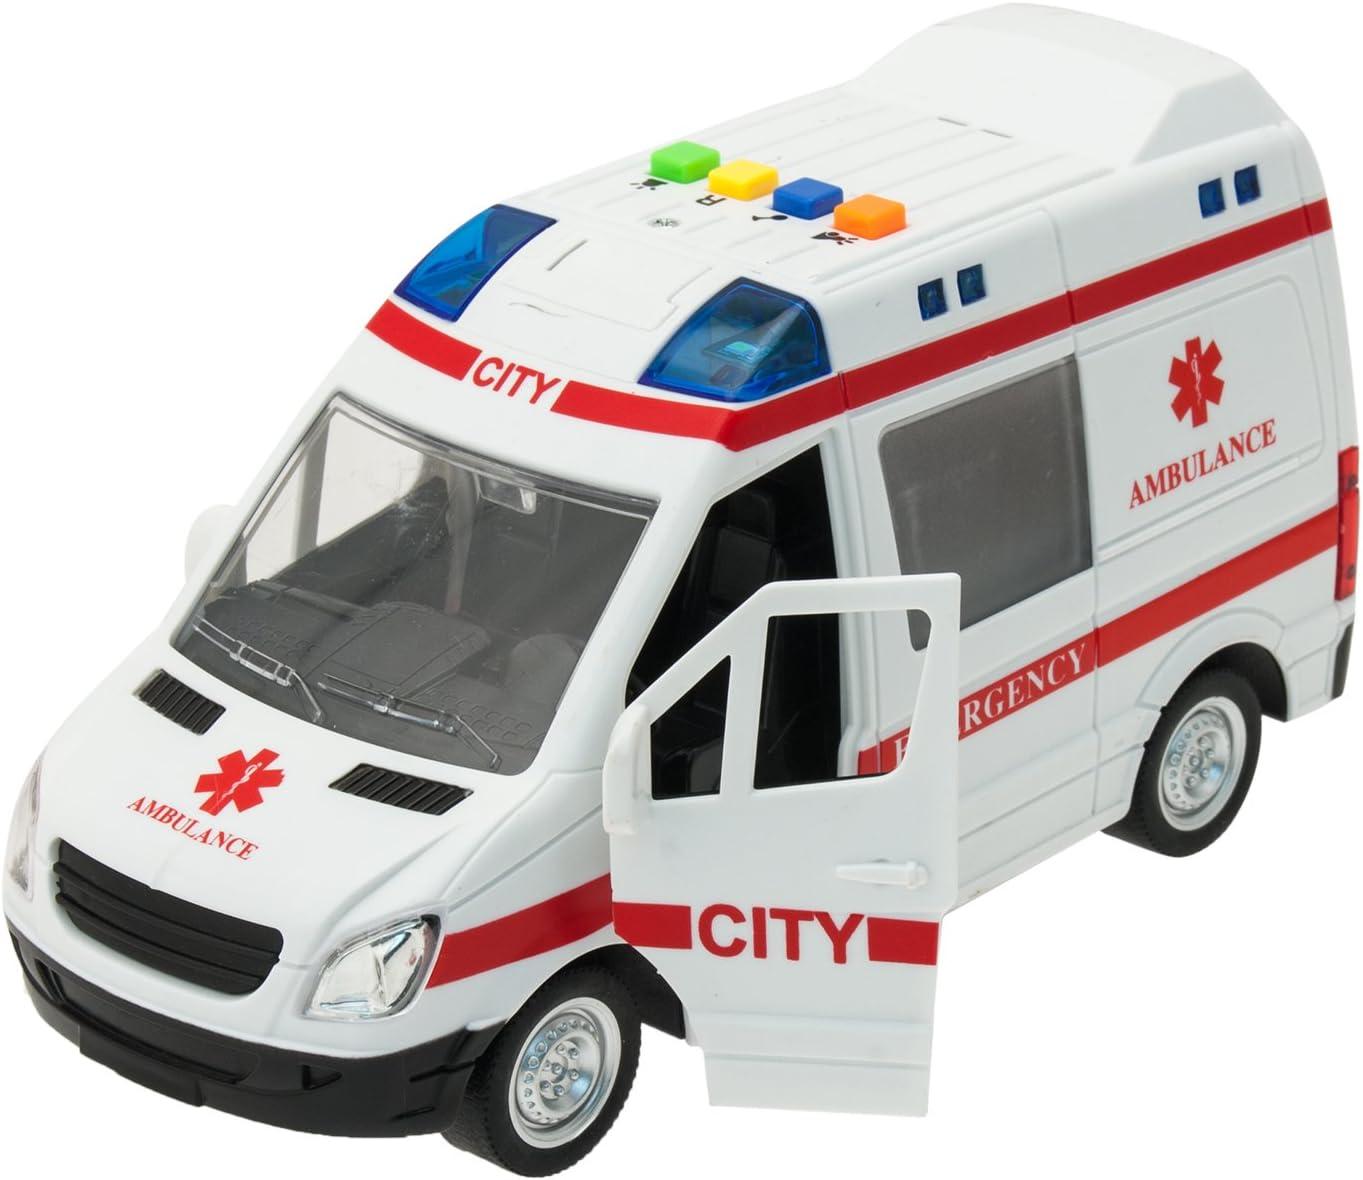 TEOREMA Coches con Luces y Sonidos (Escala 1:16) Ambulancia de urgencias con Luces y Sonidos a Escala de 1:16